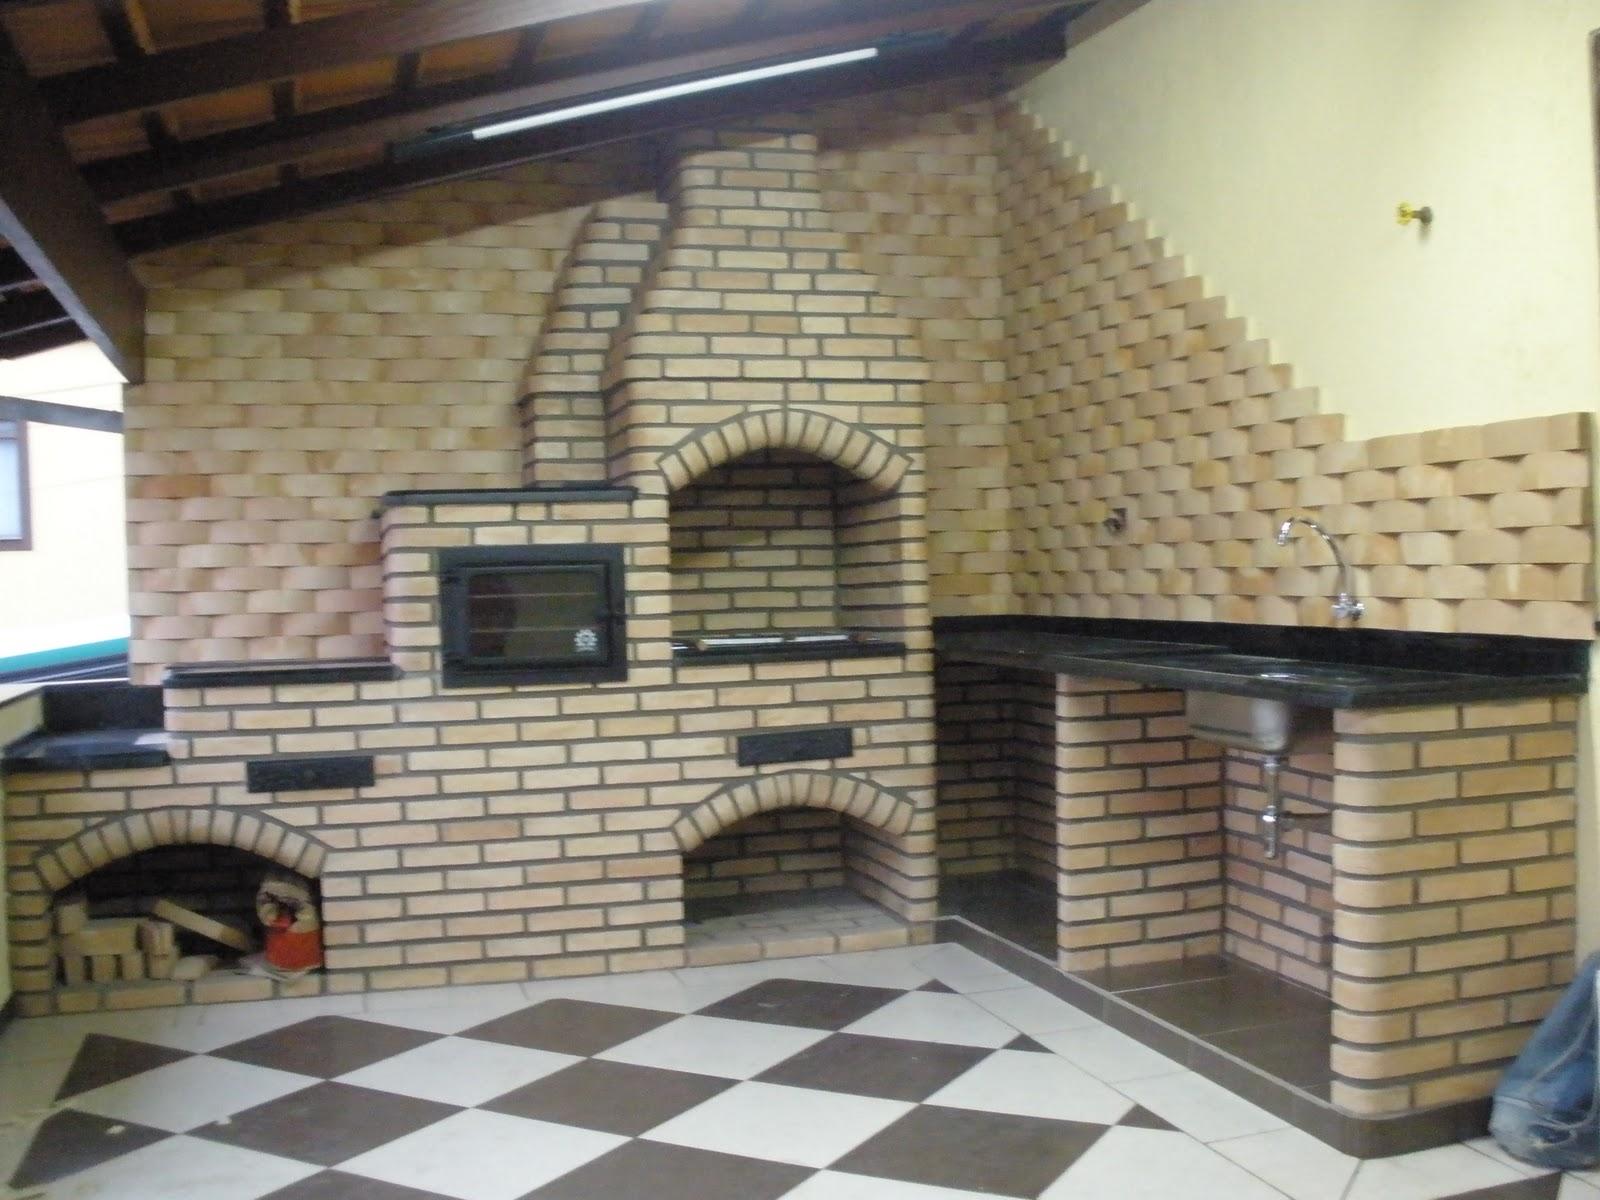 projetos churrasqueiras de tijolos #7D734E 1600 1200